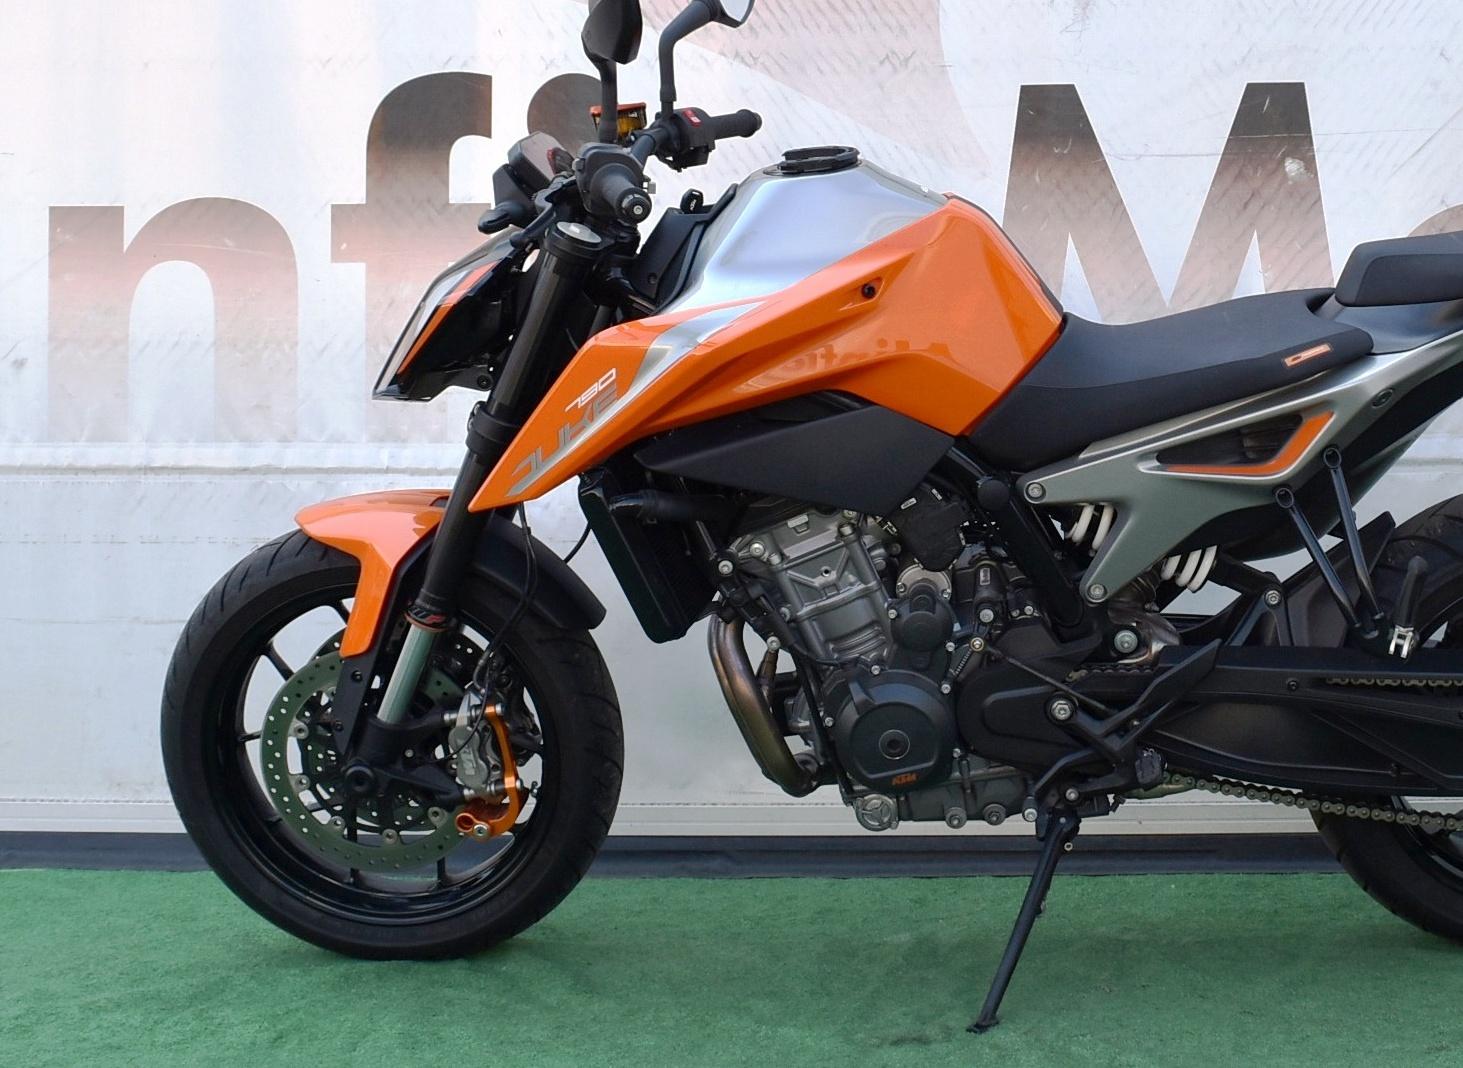 KTM DUKE 790 – 2019